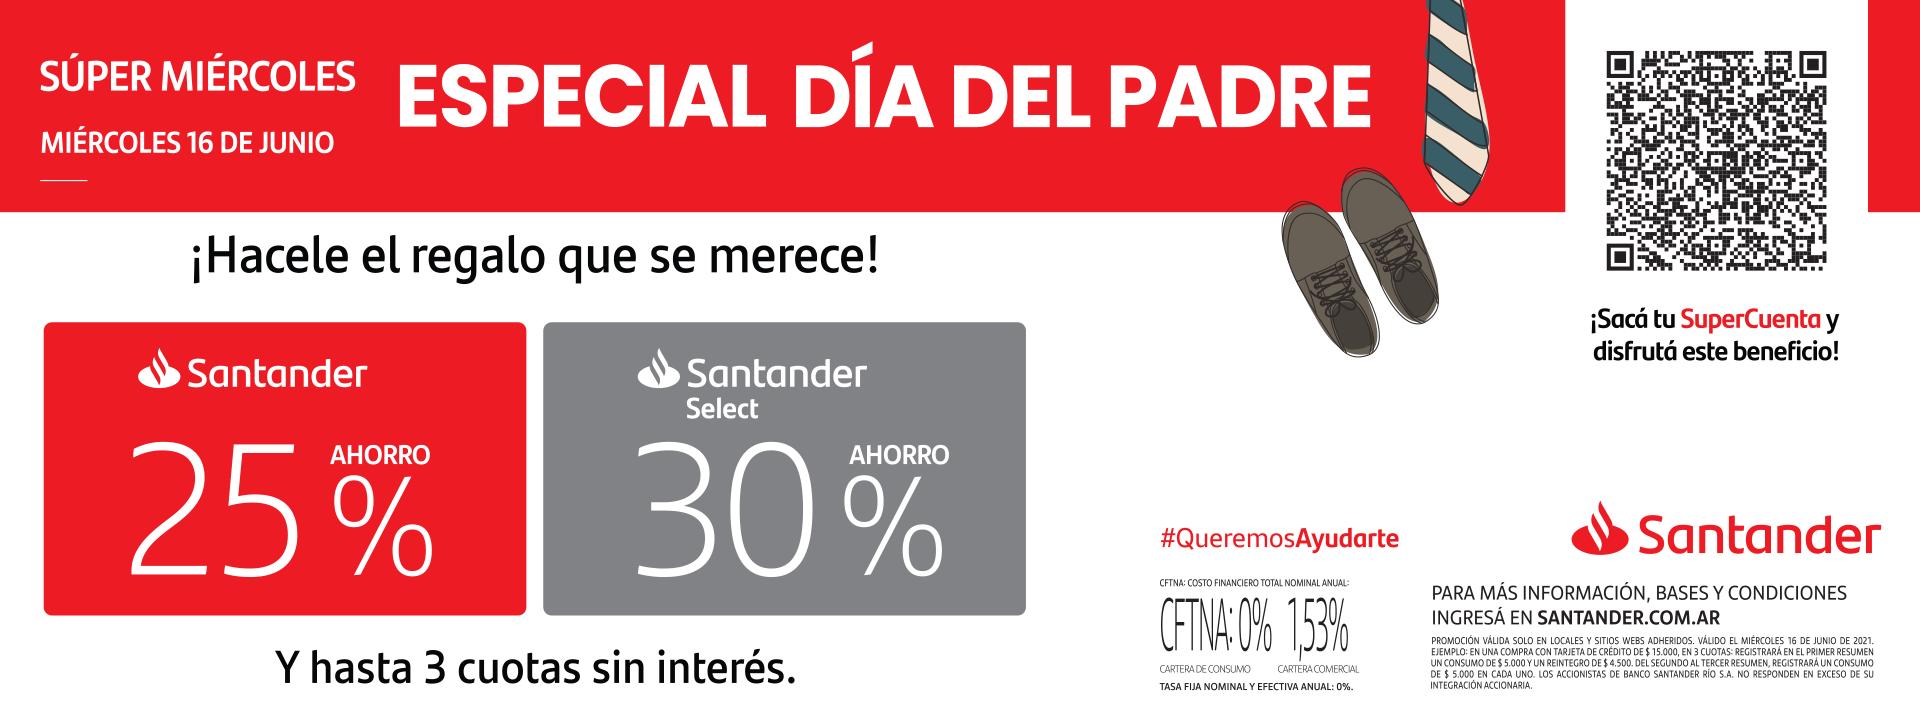 Super Miércoles Santander -Día del Padre